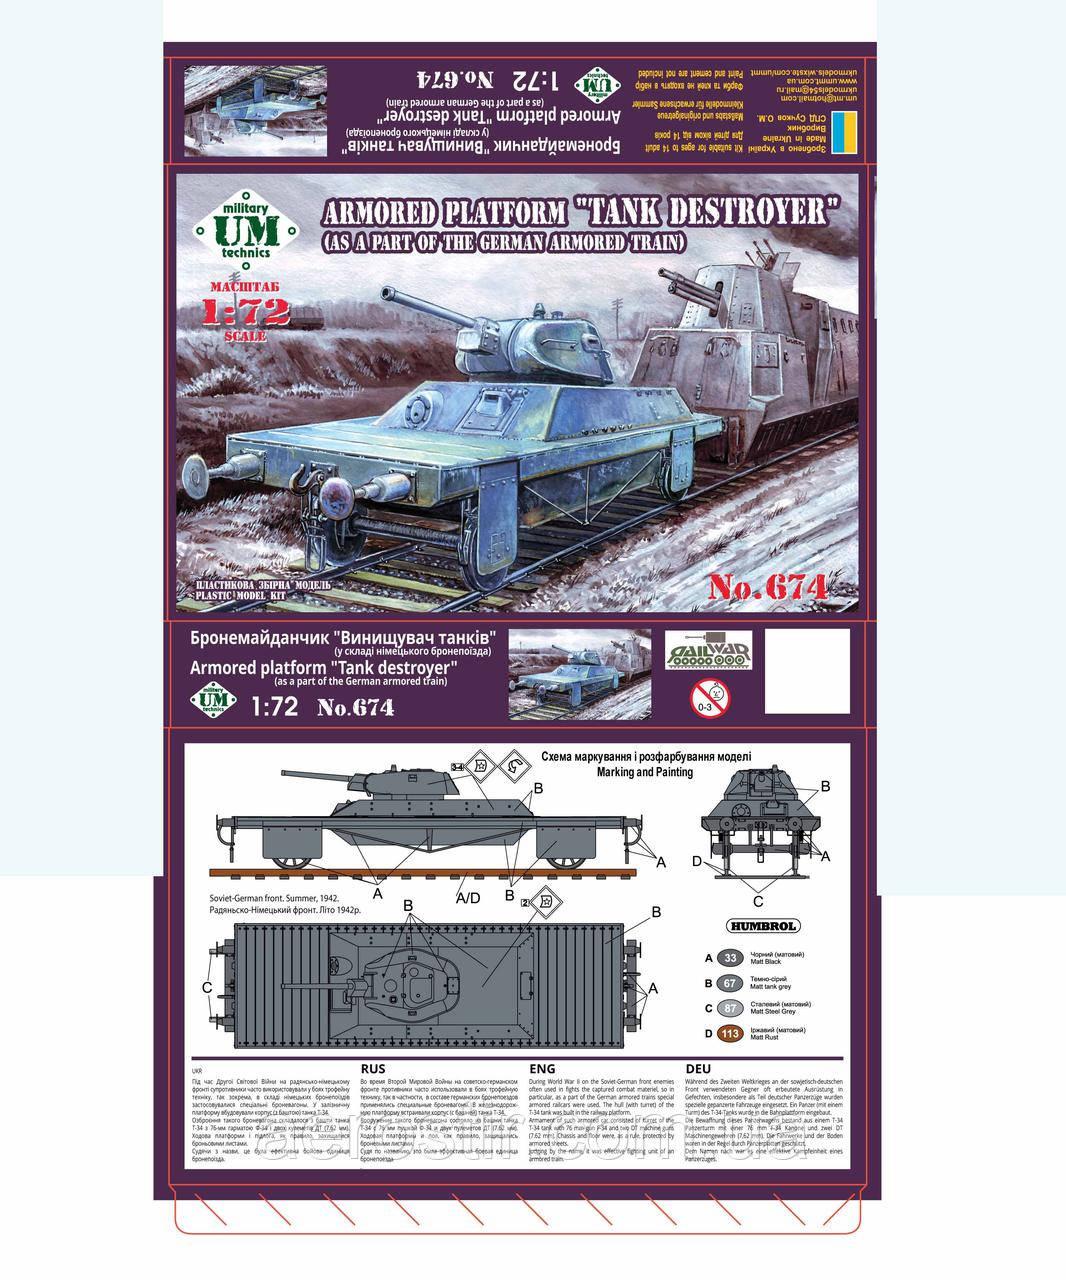 """Бронеплатформа """"Уничтожитель танков"""" (в составе немецкого бронепоезда) 1/72 UMmt 674"""